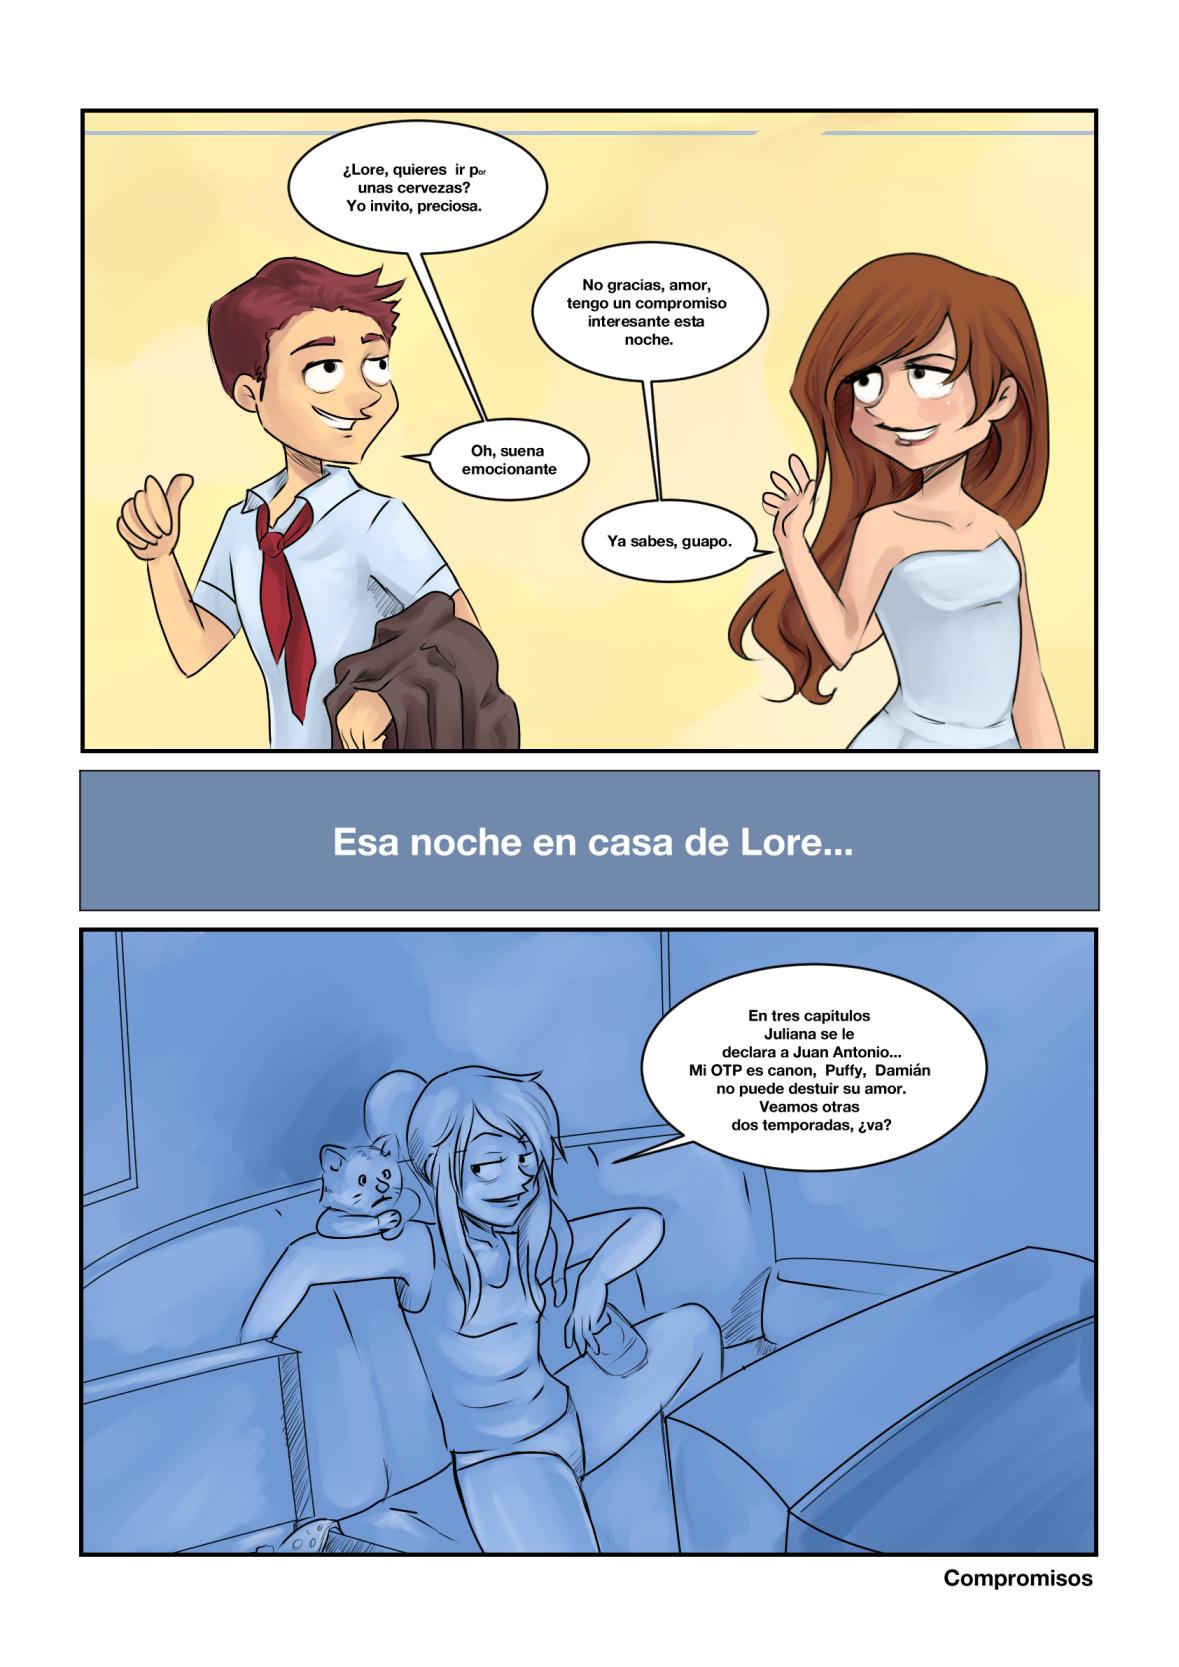 6_compromiso.jpg